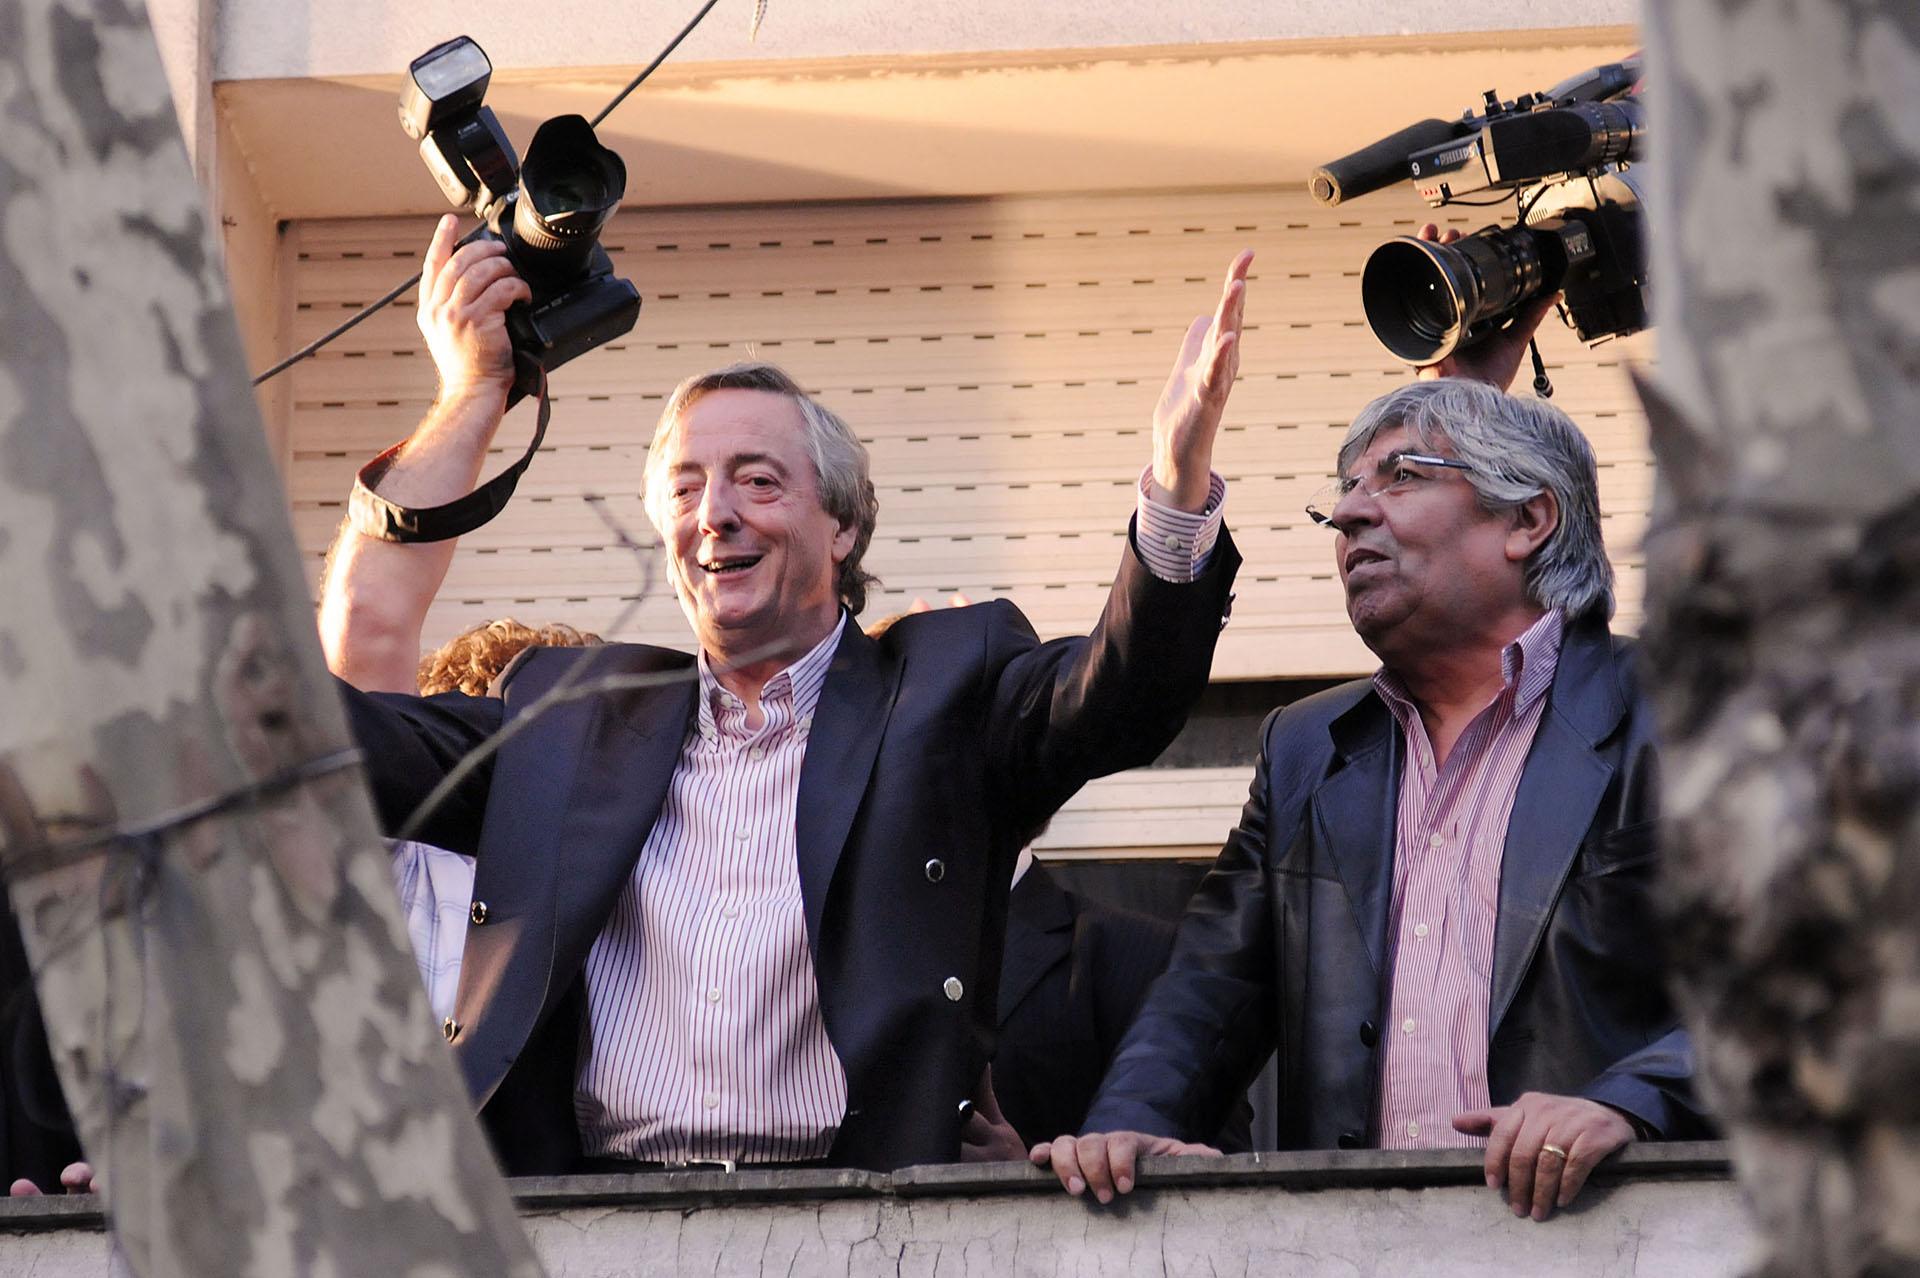 El ex presidente Néstor Kirchner junto al líder sindical Hugo Moyano saluda a los trabajadores desde un balcón de la CGT.